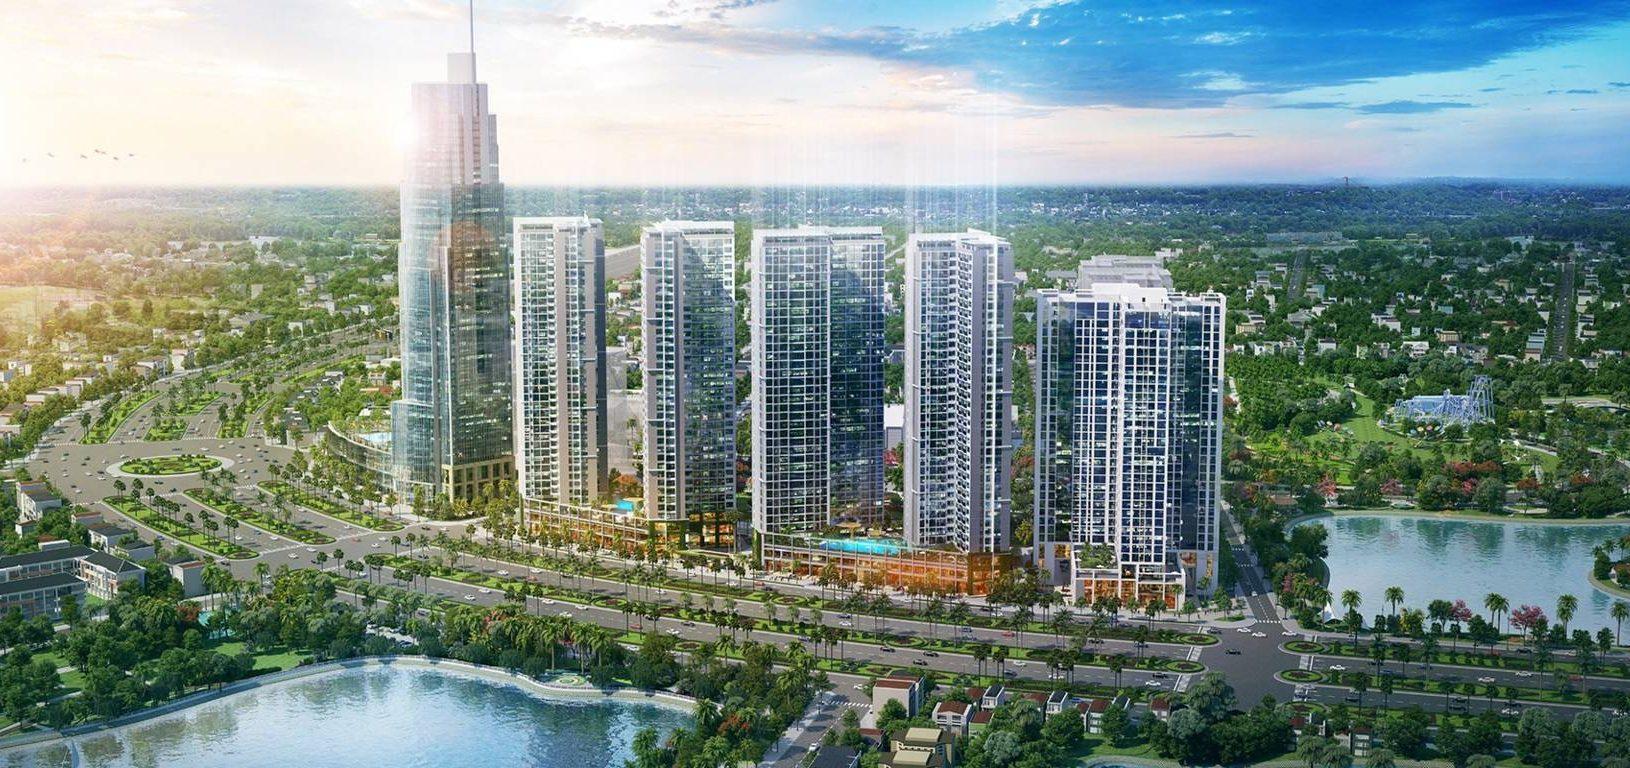 Phối cảnh thiết kế tổng thể căn hộ eco green sài gòn quận 7